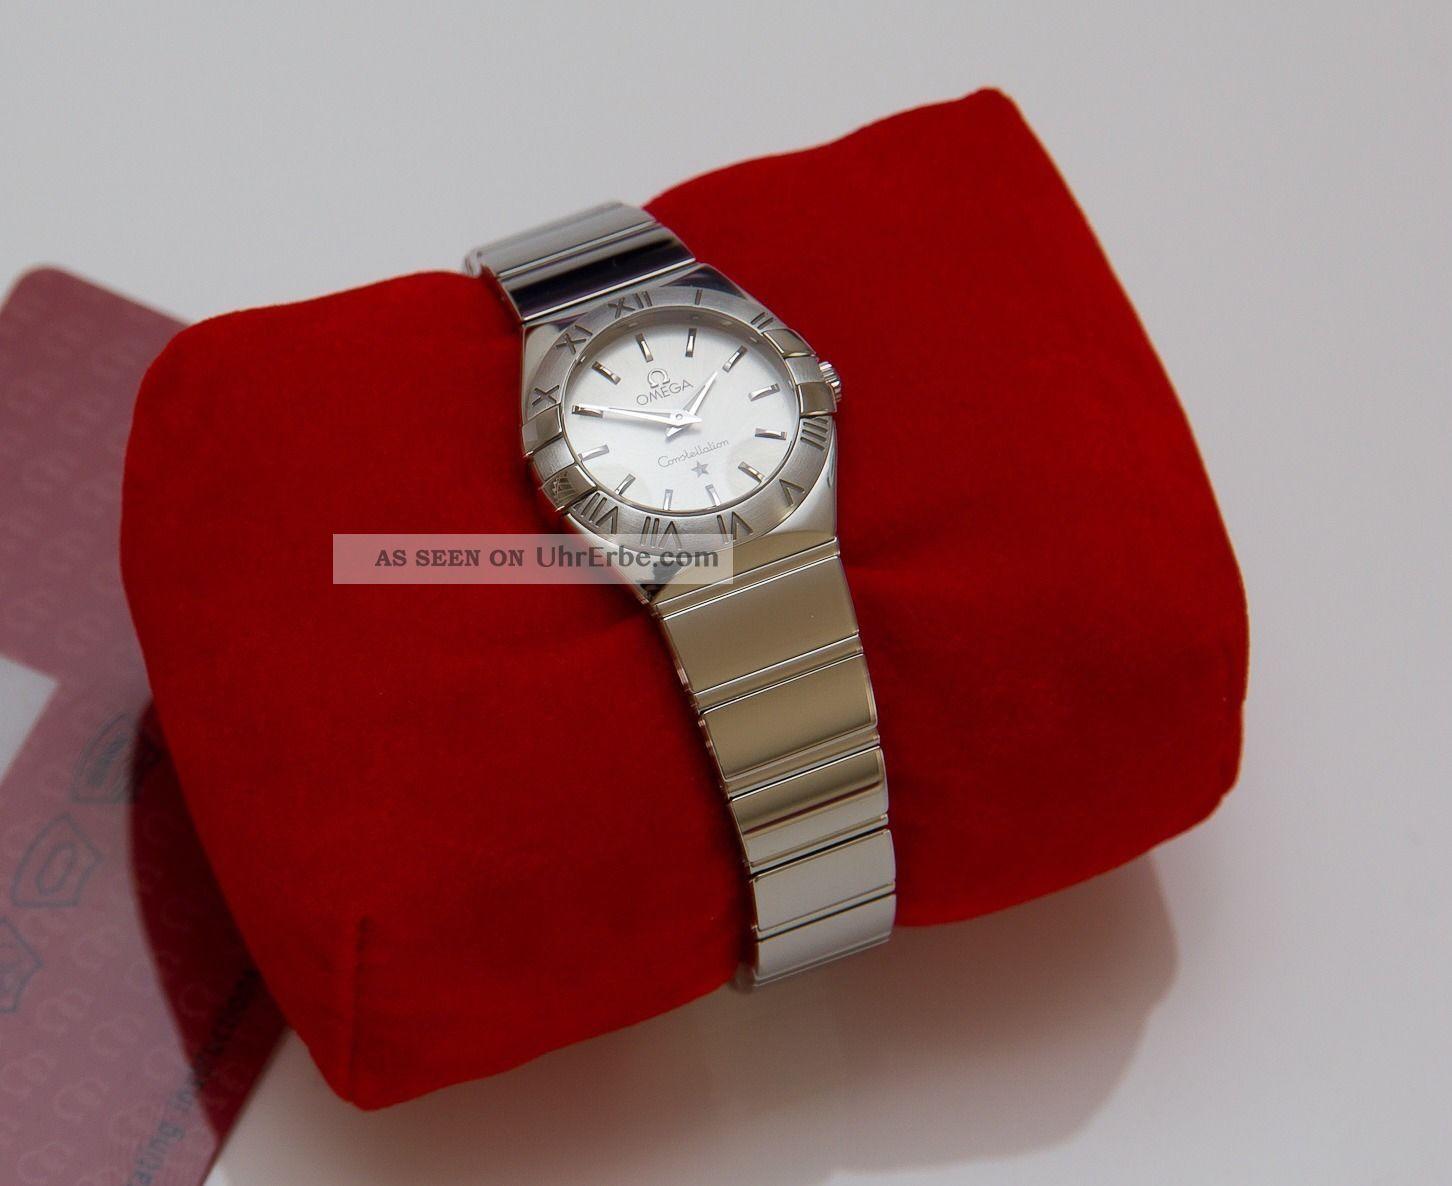 Omega Constellation Damen Uhr Ungetragen Mit Zubehör Armbanduhren Bild